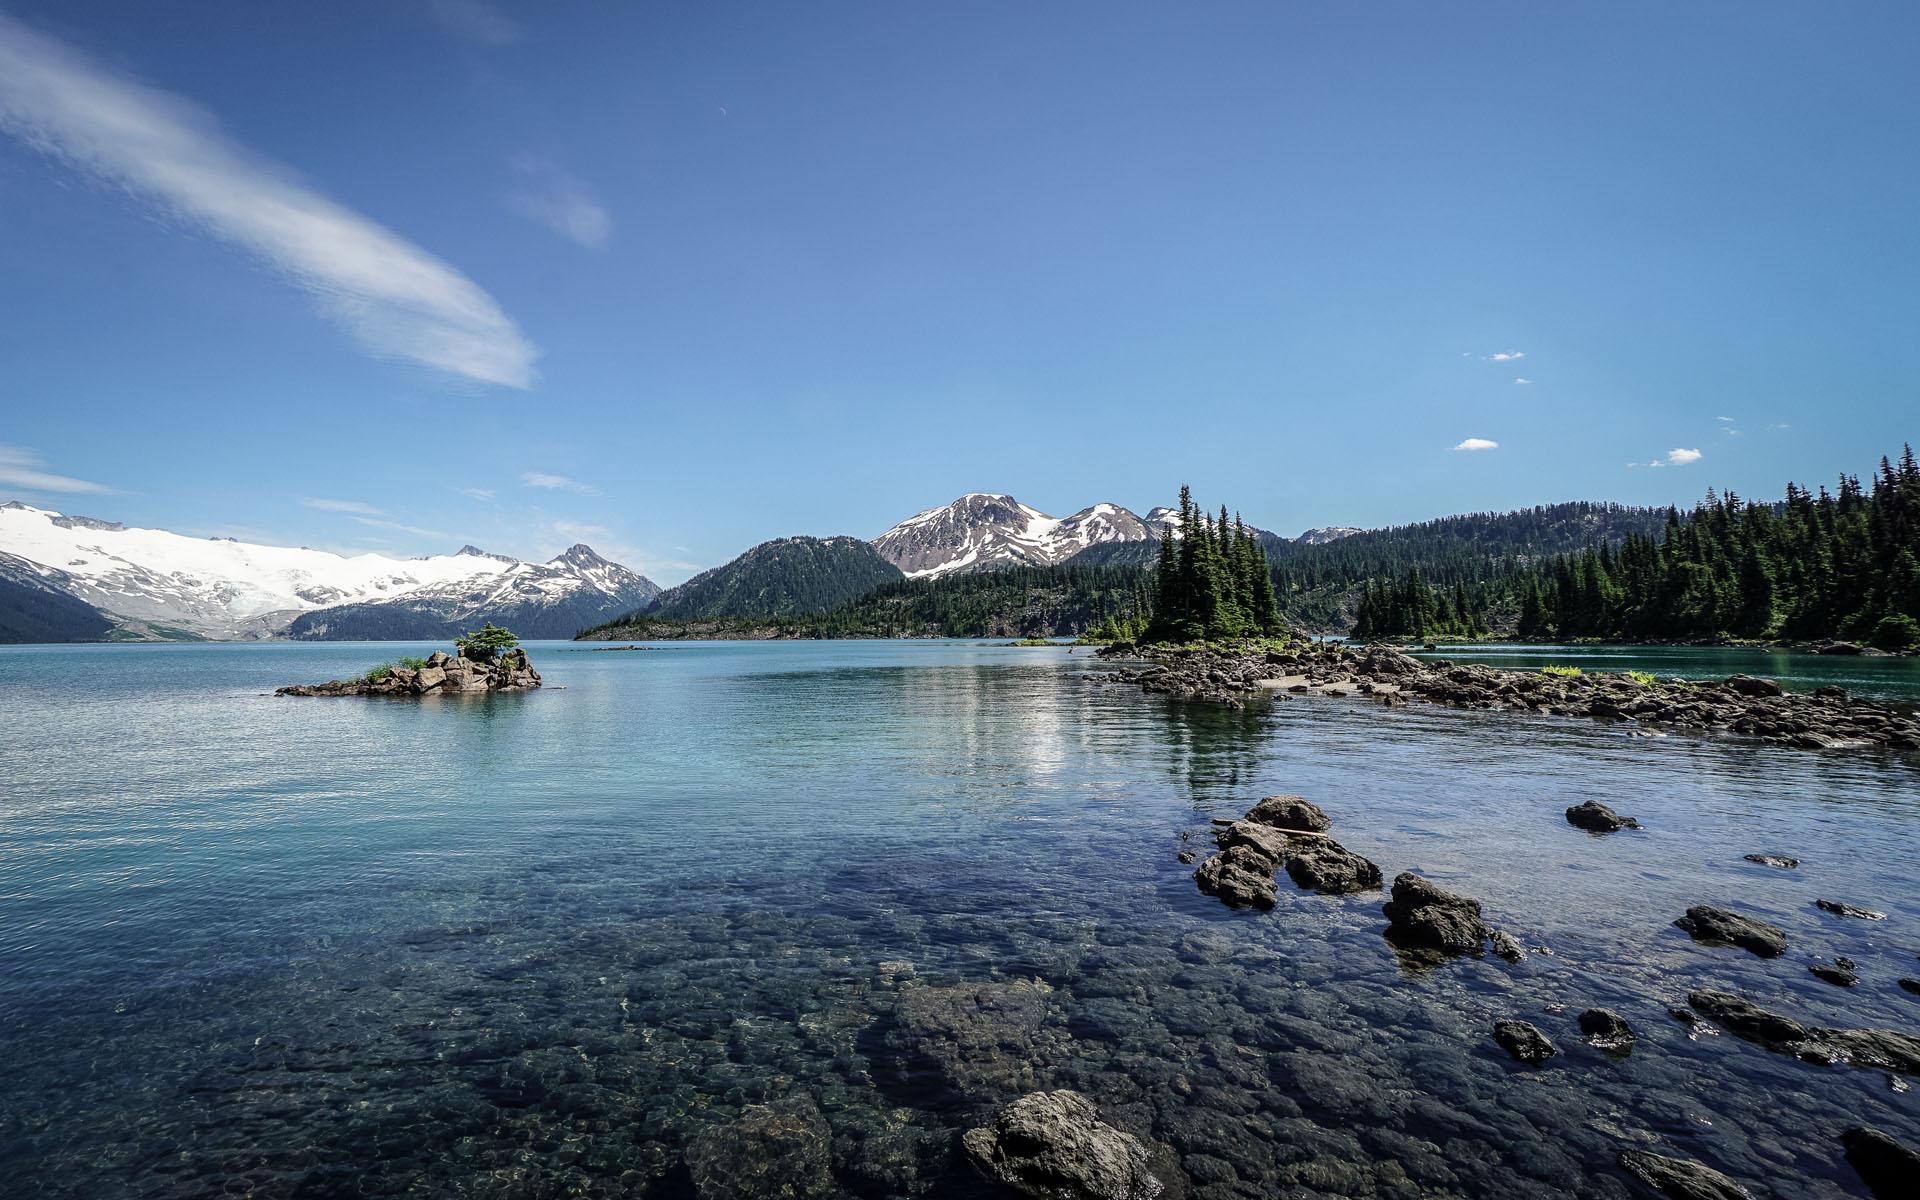 Vancouver: Blick über Wasser auf Berge